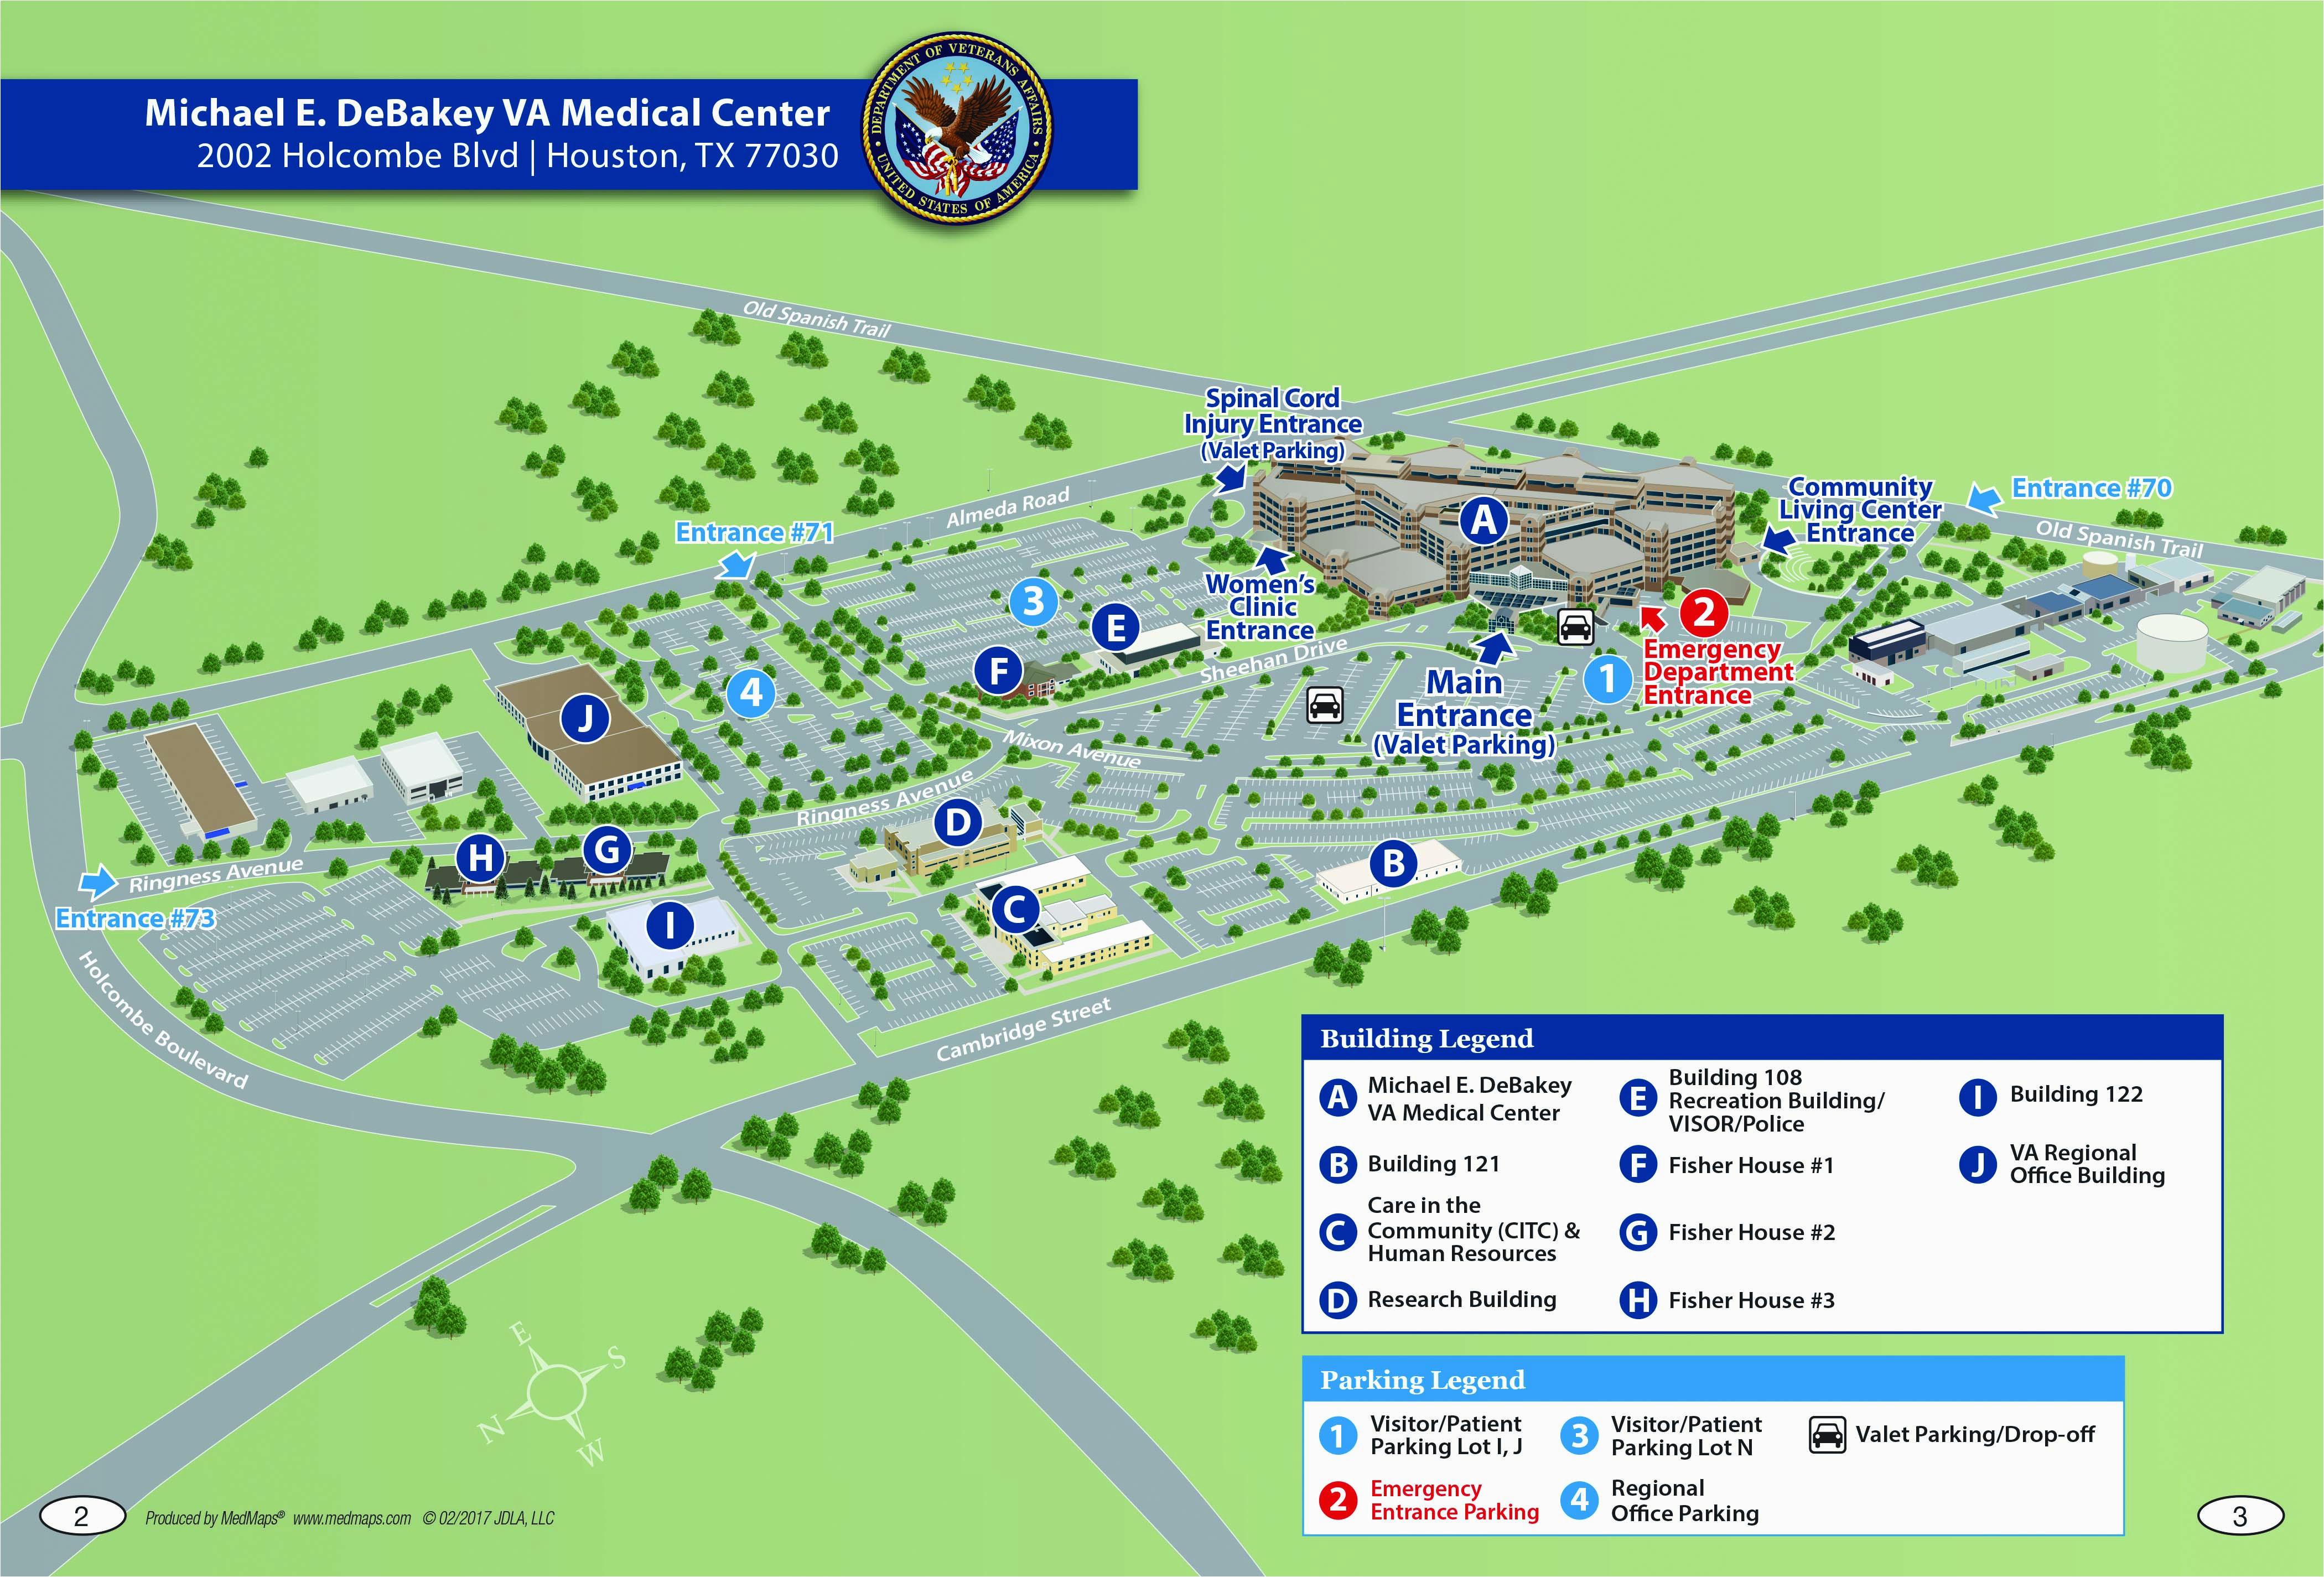 Map Of Texas Medical Center.Texas Medical Center Map Michael E Debakey Va Medical Center Houston